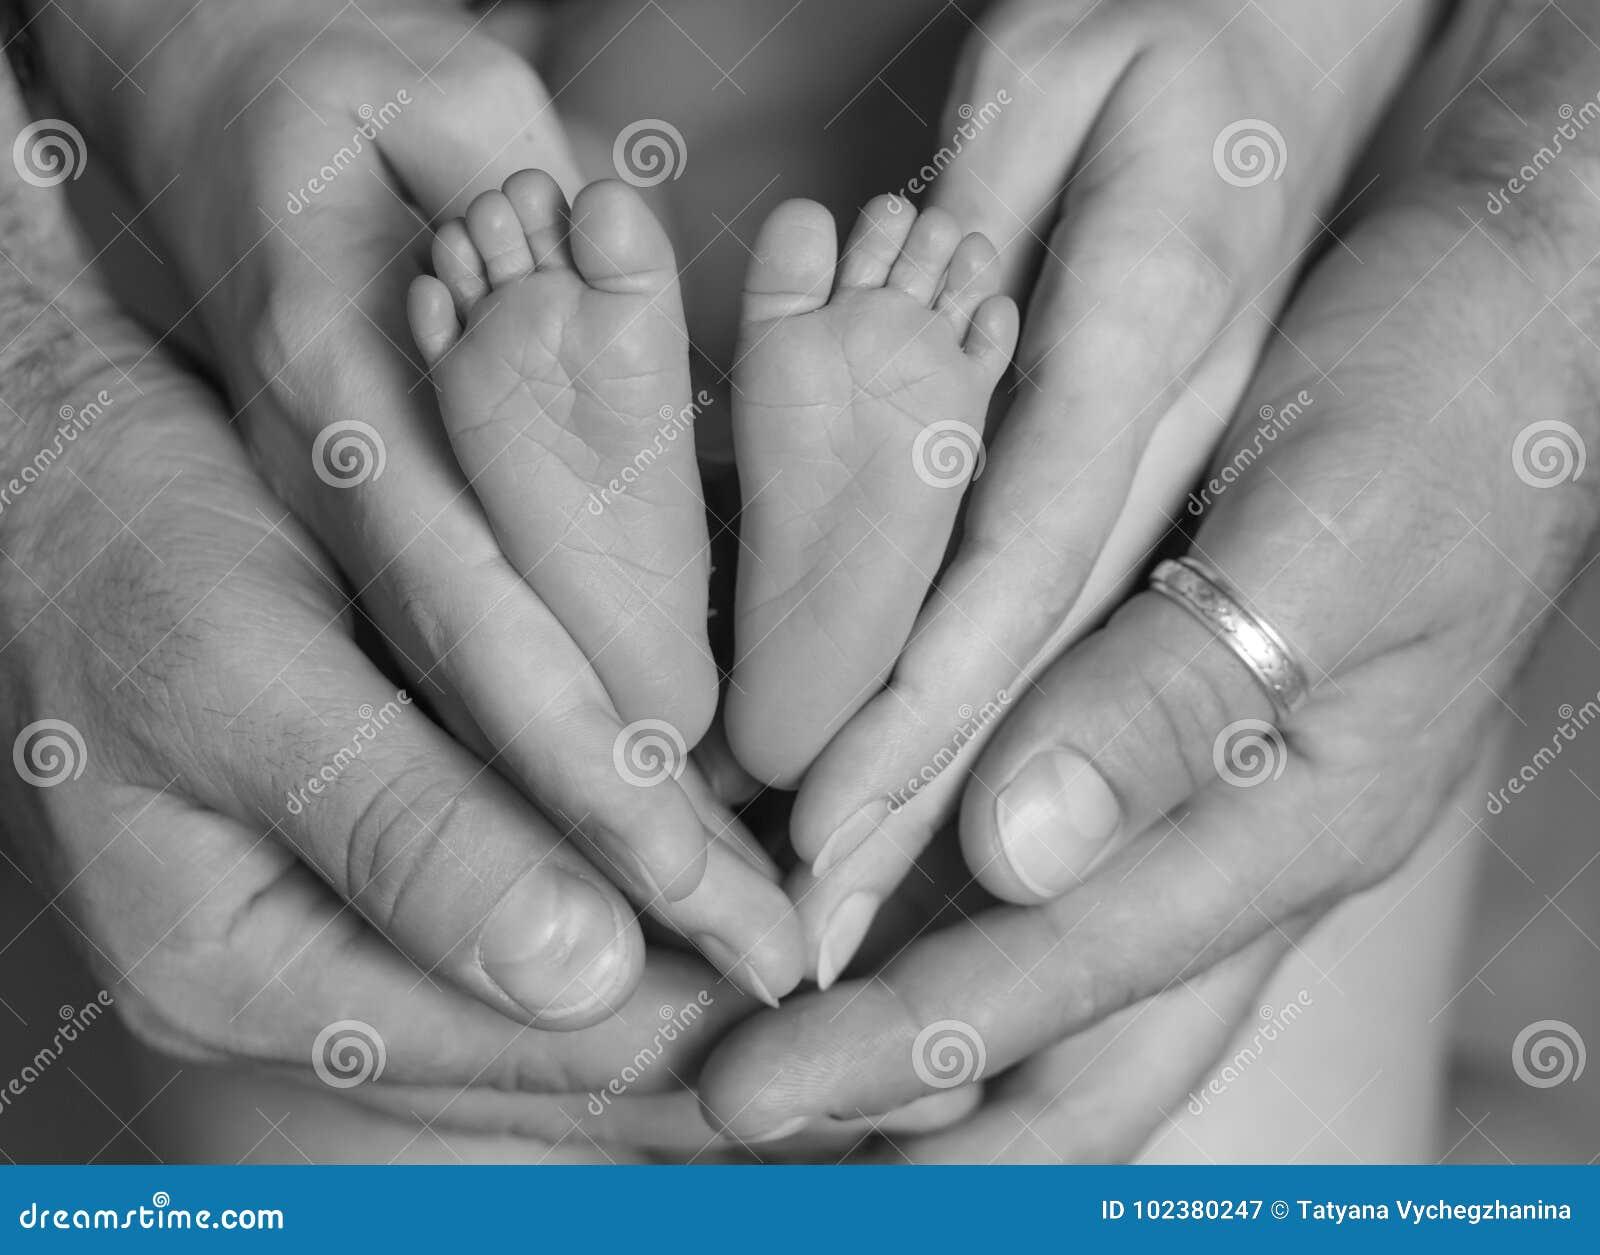 Sindrome dei piedi urenti, ovvero camminare sui carboni ardenti